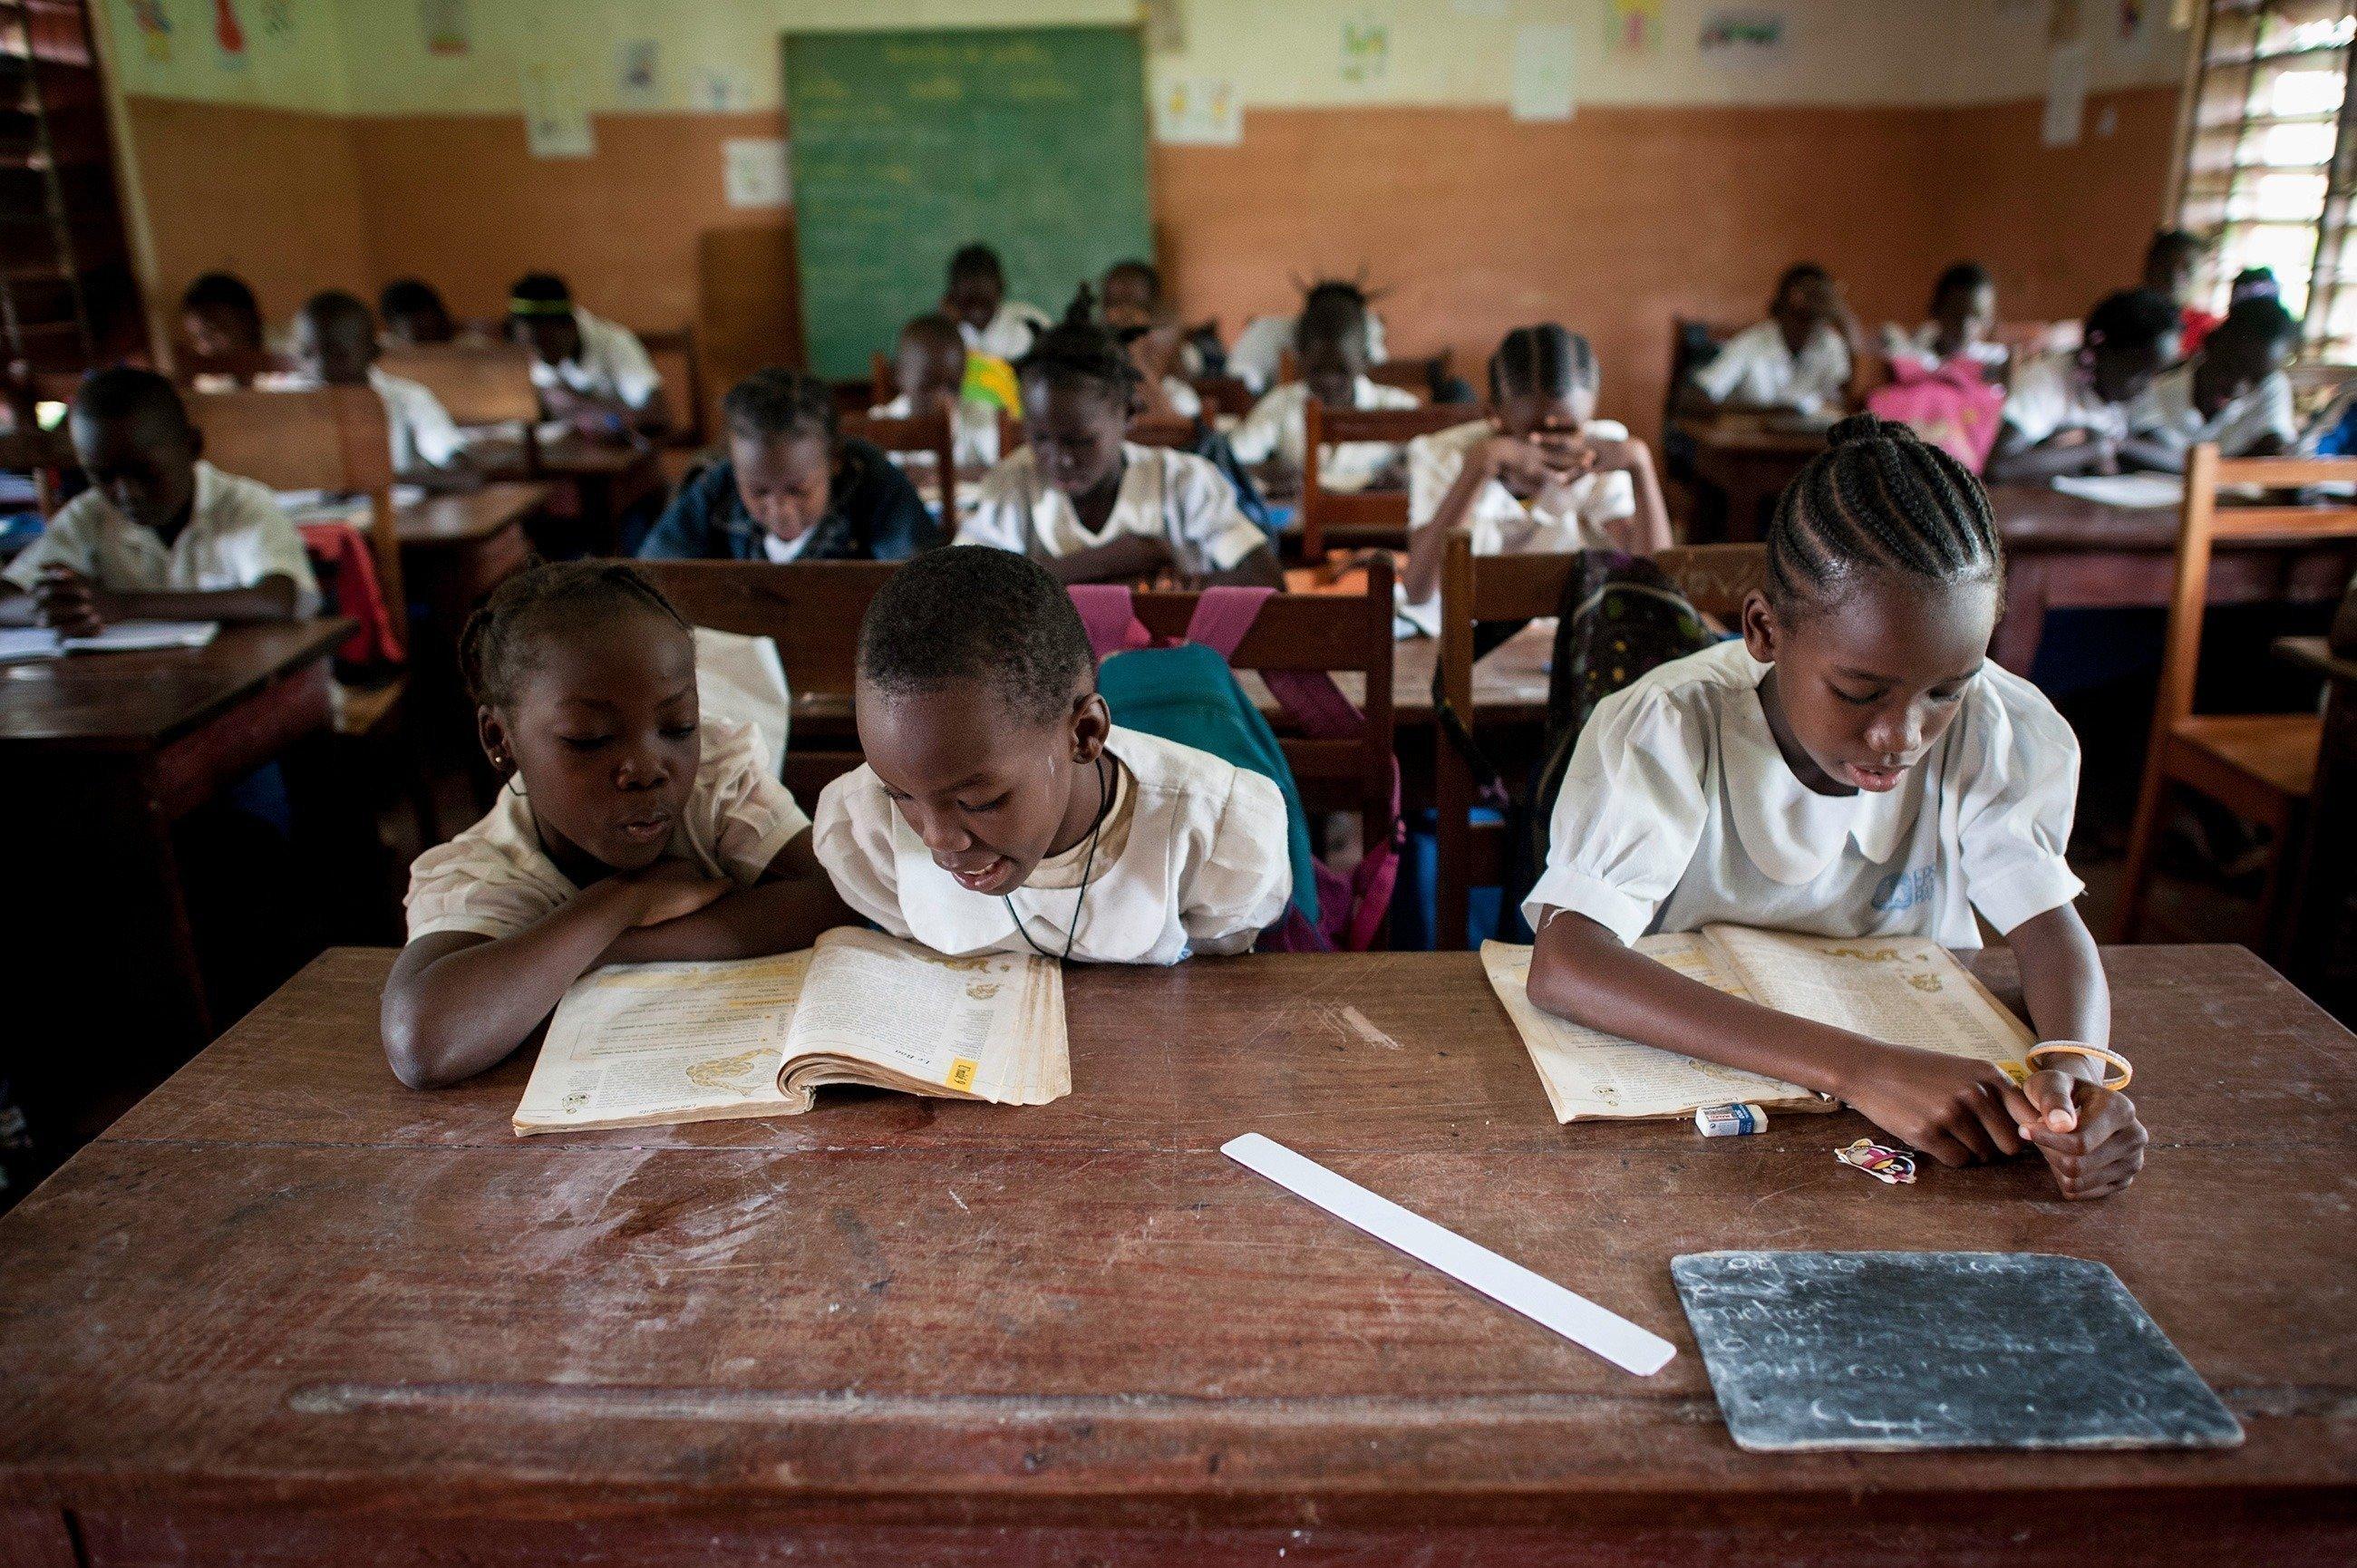 Mädchen in der Schule lernen.